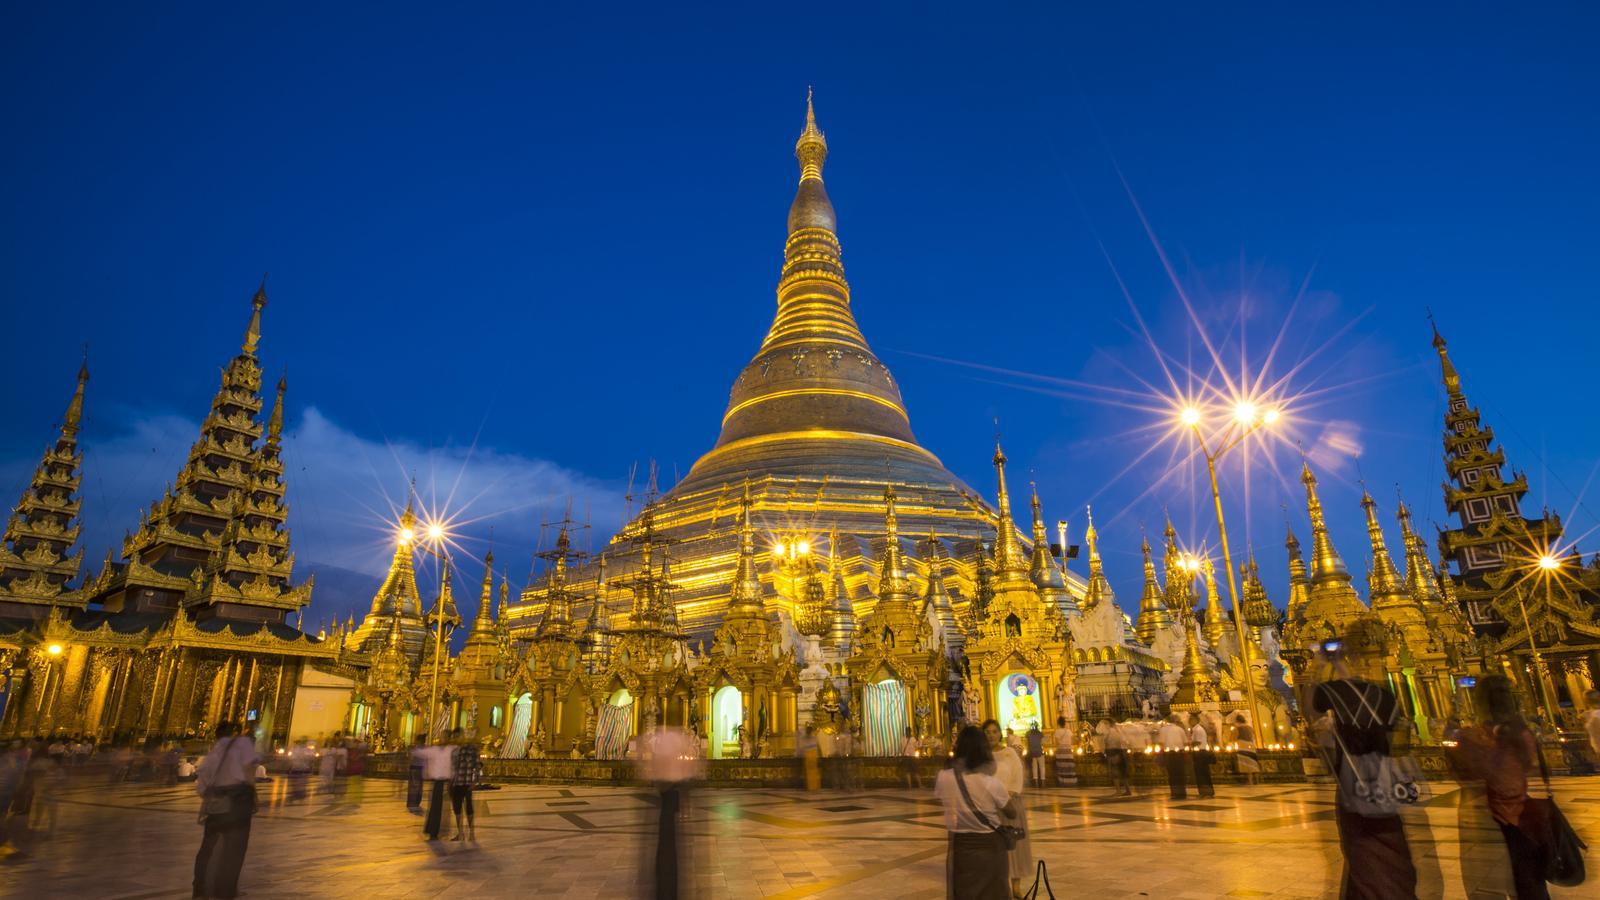 Myanmar: Hilltribes & Sunrises in Burma/Myanmar, Asia - G